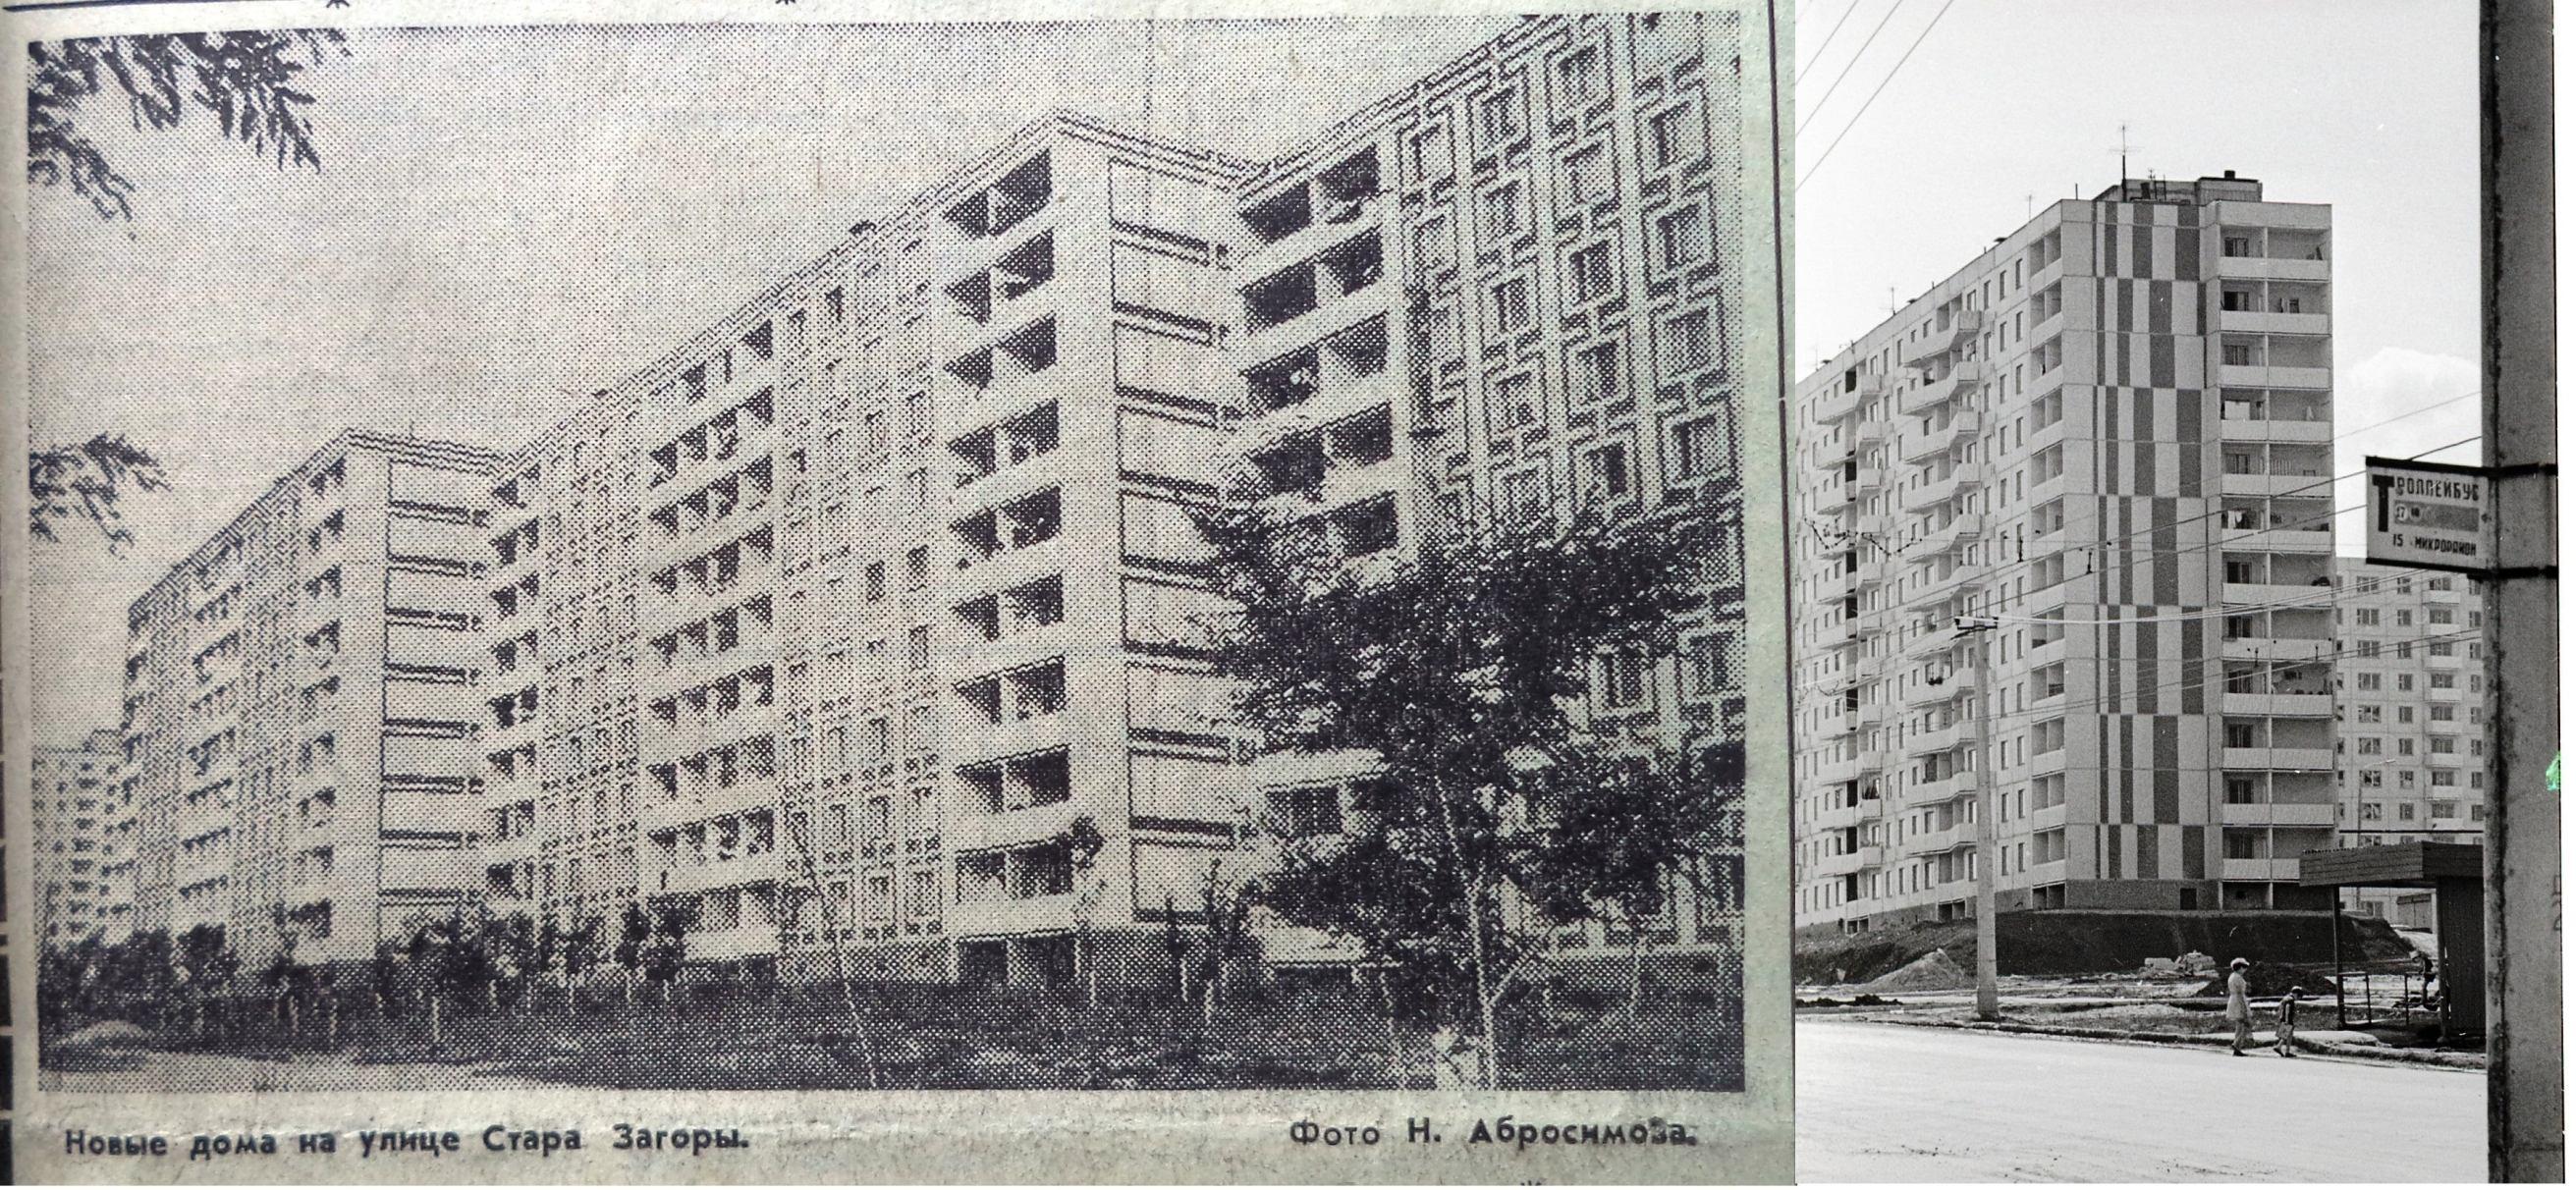 Стара Загора-ФОТО-124-ВЗя-1981-07-16-фото с ул. СЗ-min